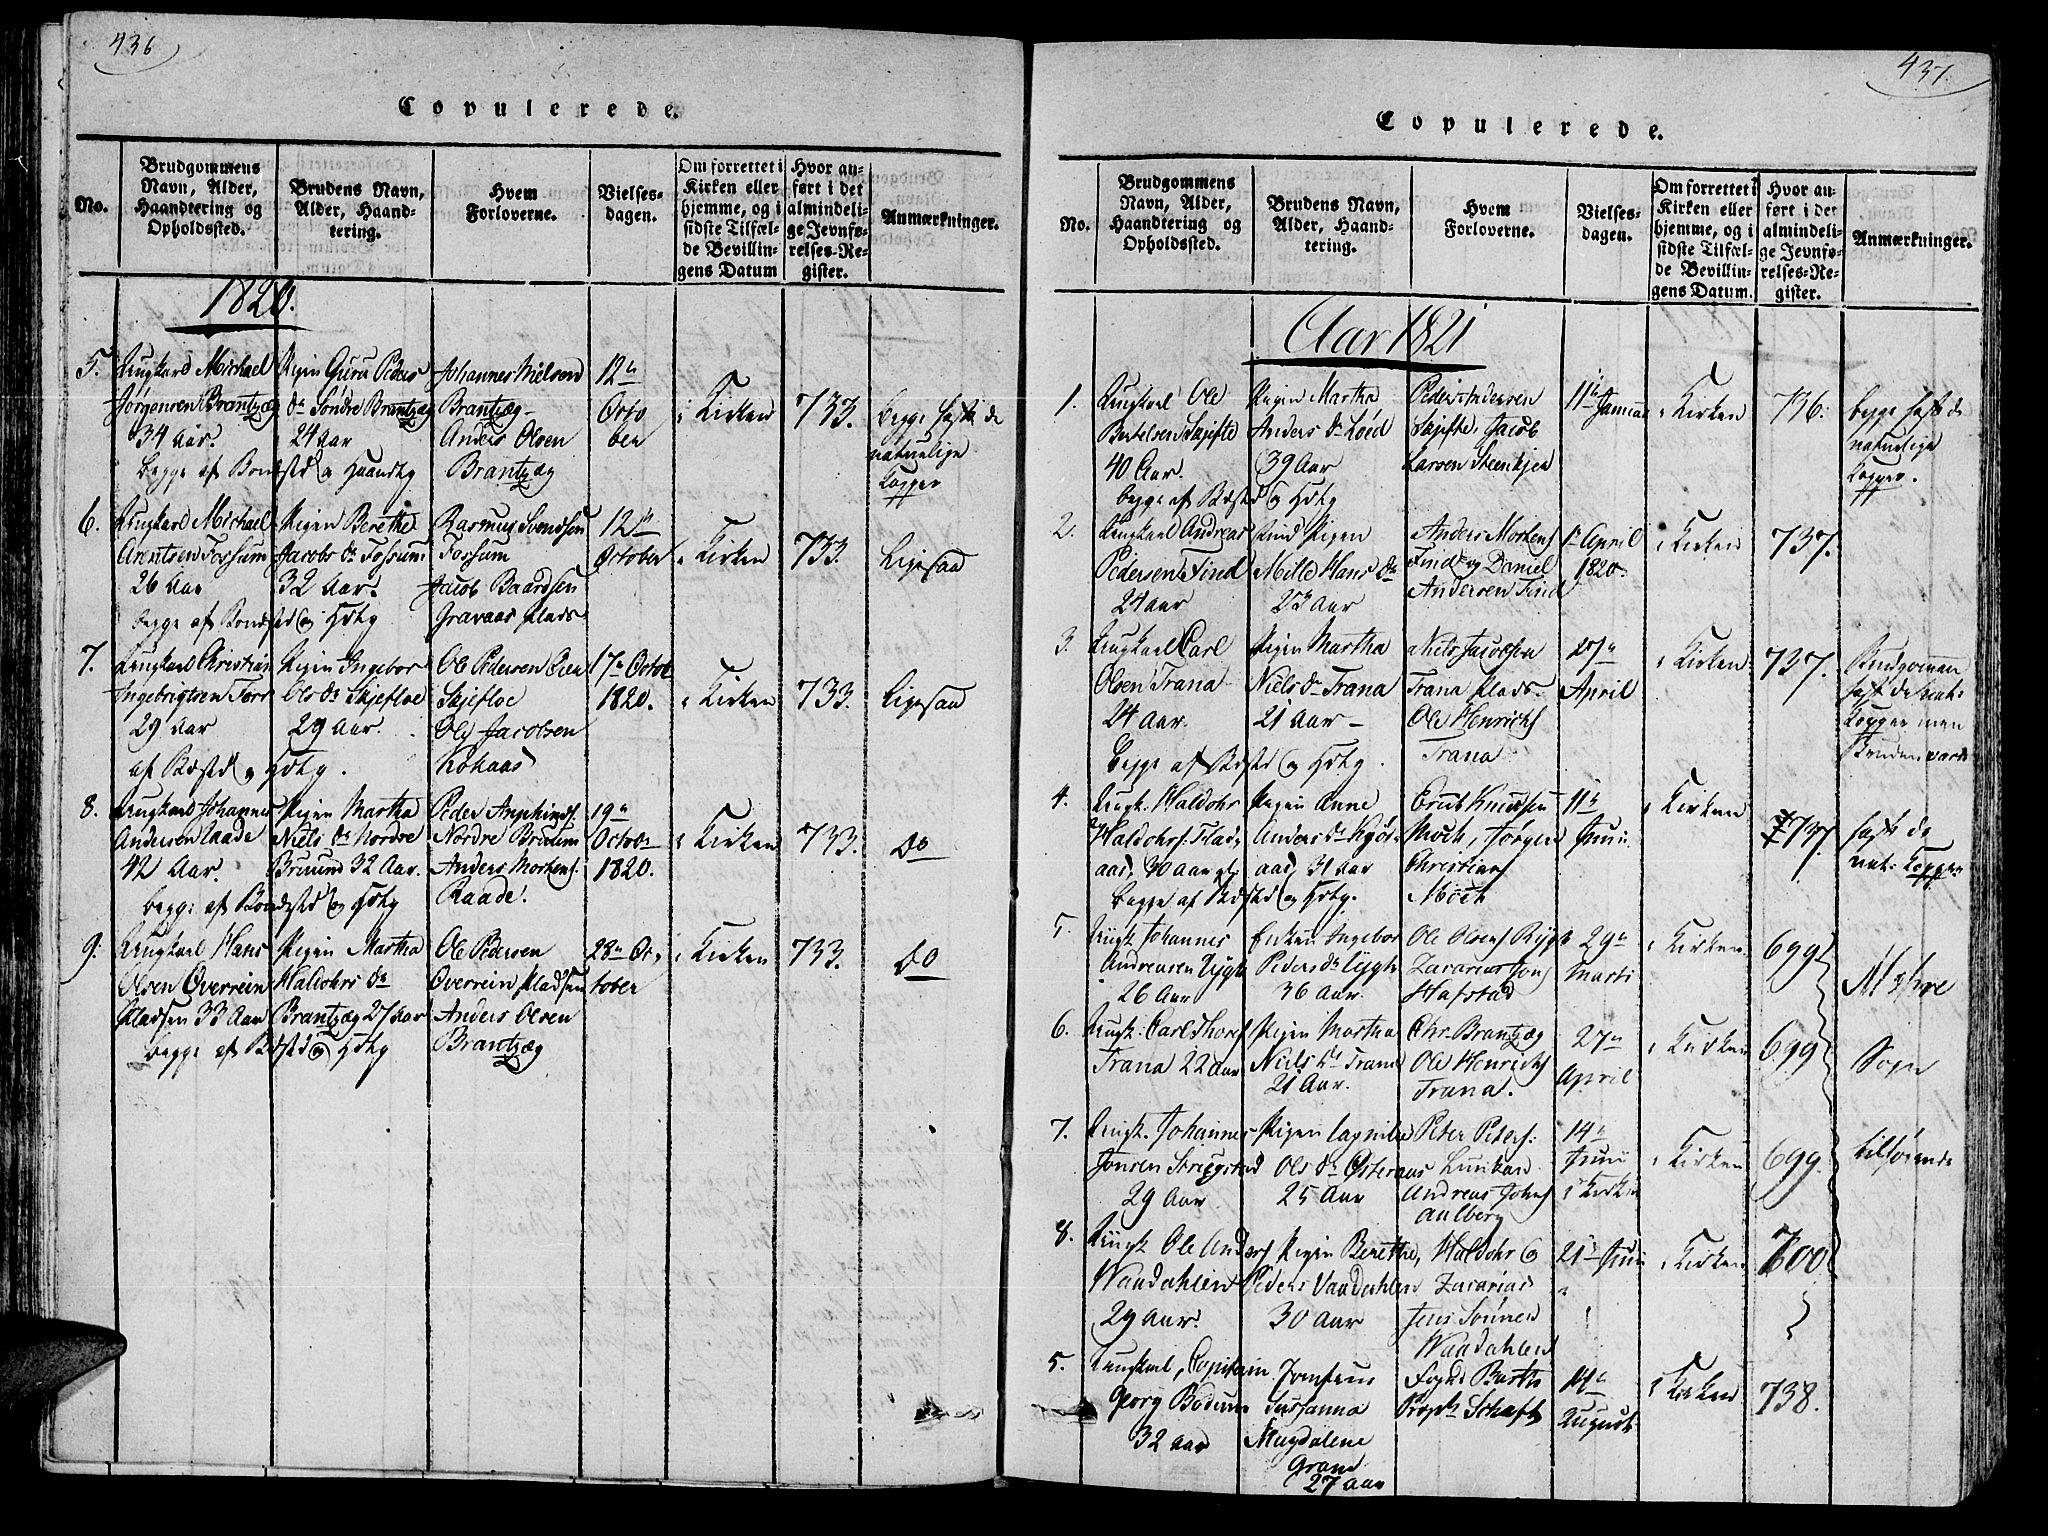 SAT, Ministerialprotokoller, klokkerbøker og fødselsregistre - Nord-Trøndelag, 735/L0333: Ministerialbok nr. 735A04 /2, 1816-1825, s. 436-437